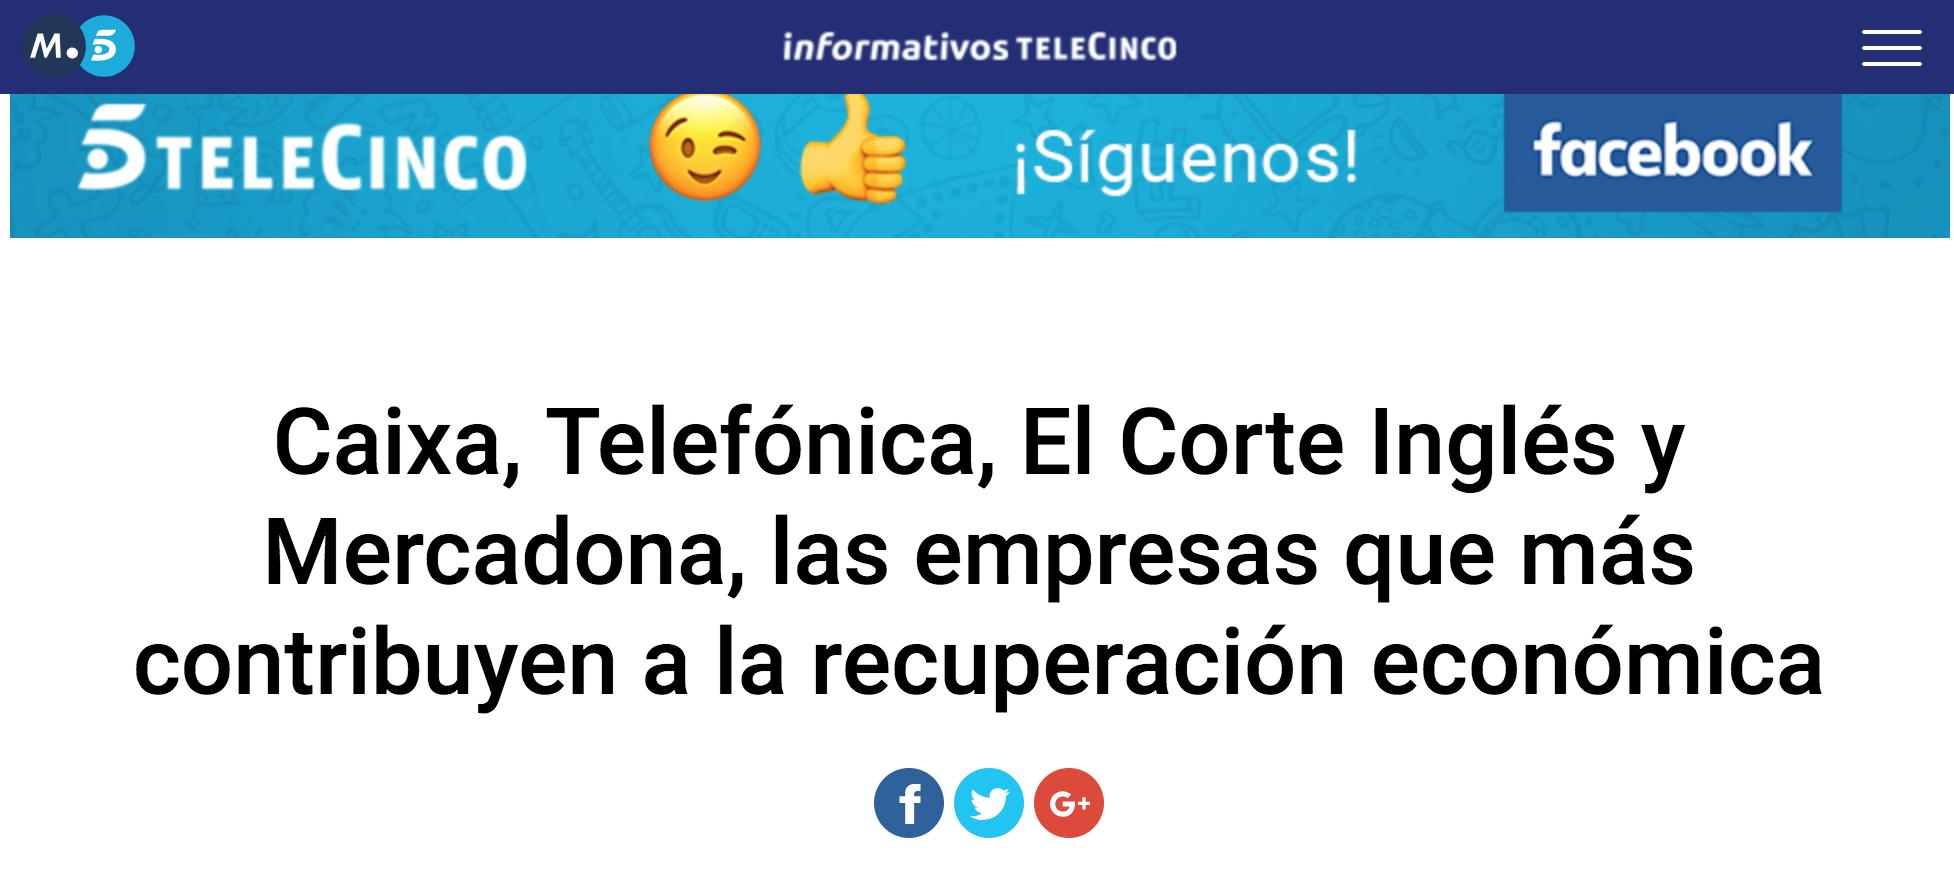 Artículo de Jorge Díaz-Cardiel en Informativos Telecinco